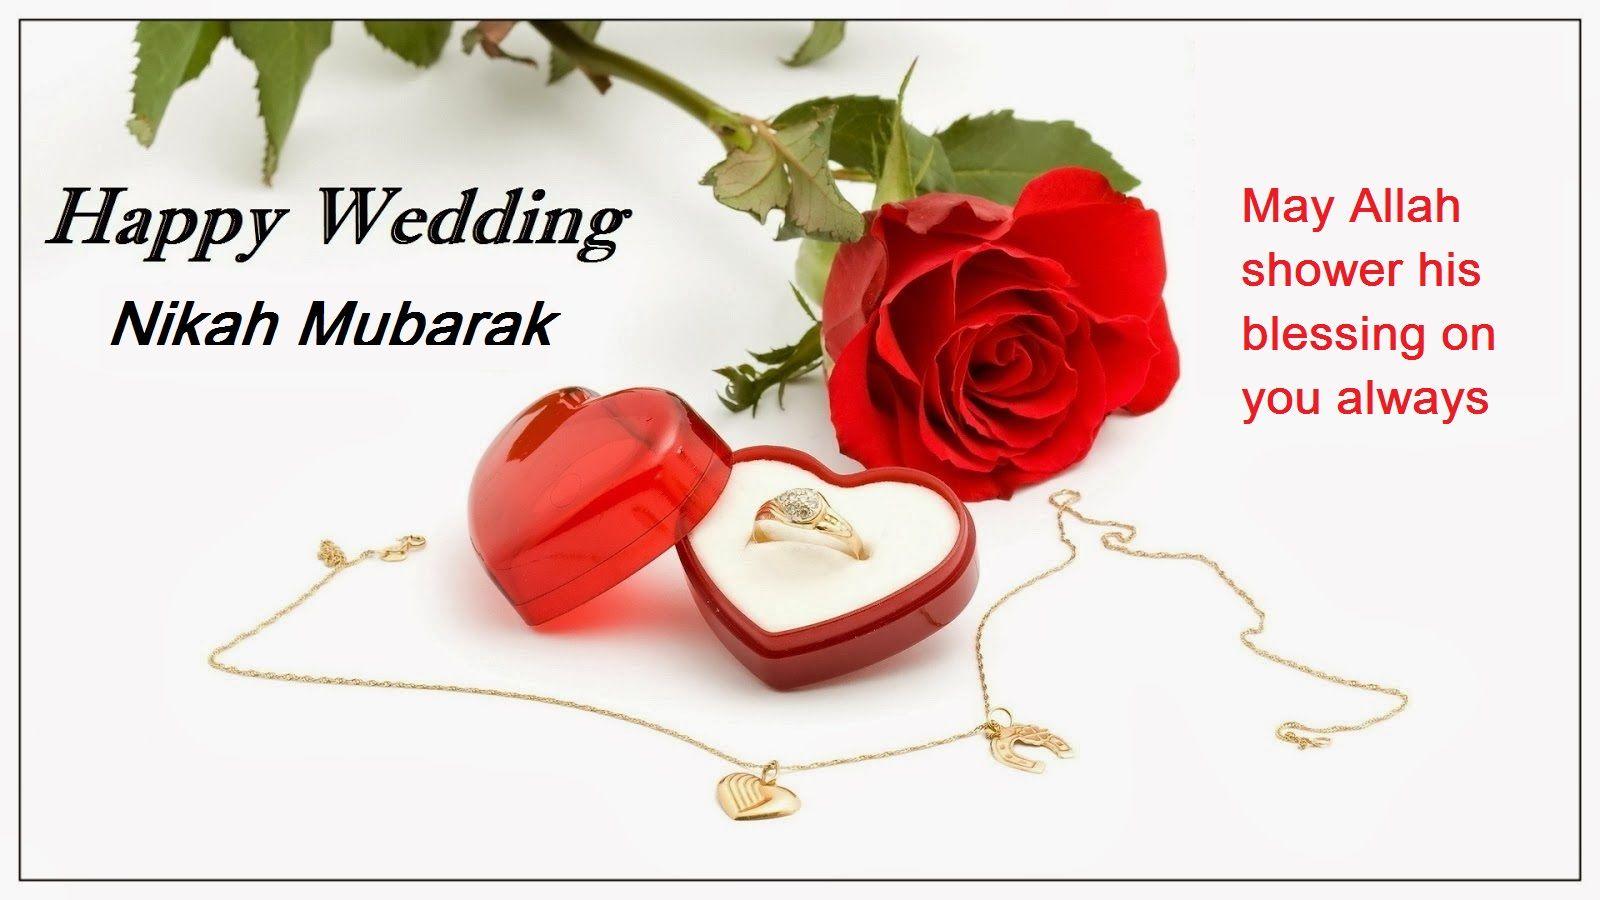 Nikah Mubarak Wishes Images Dua And Wallpapers Happy Wedding Anniversary Wishes Happy Wedding Anniversary Cards Wedding Anniversary Message